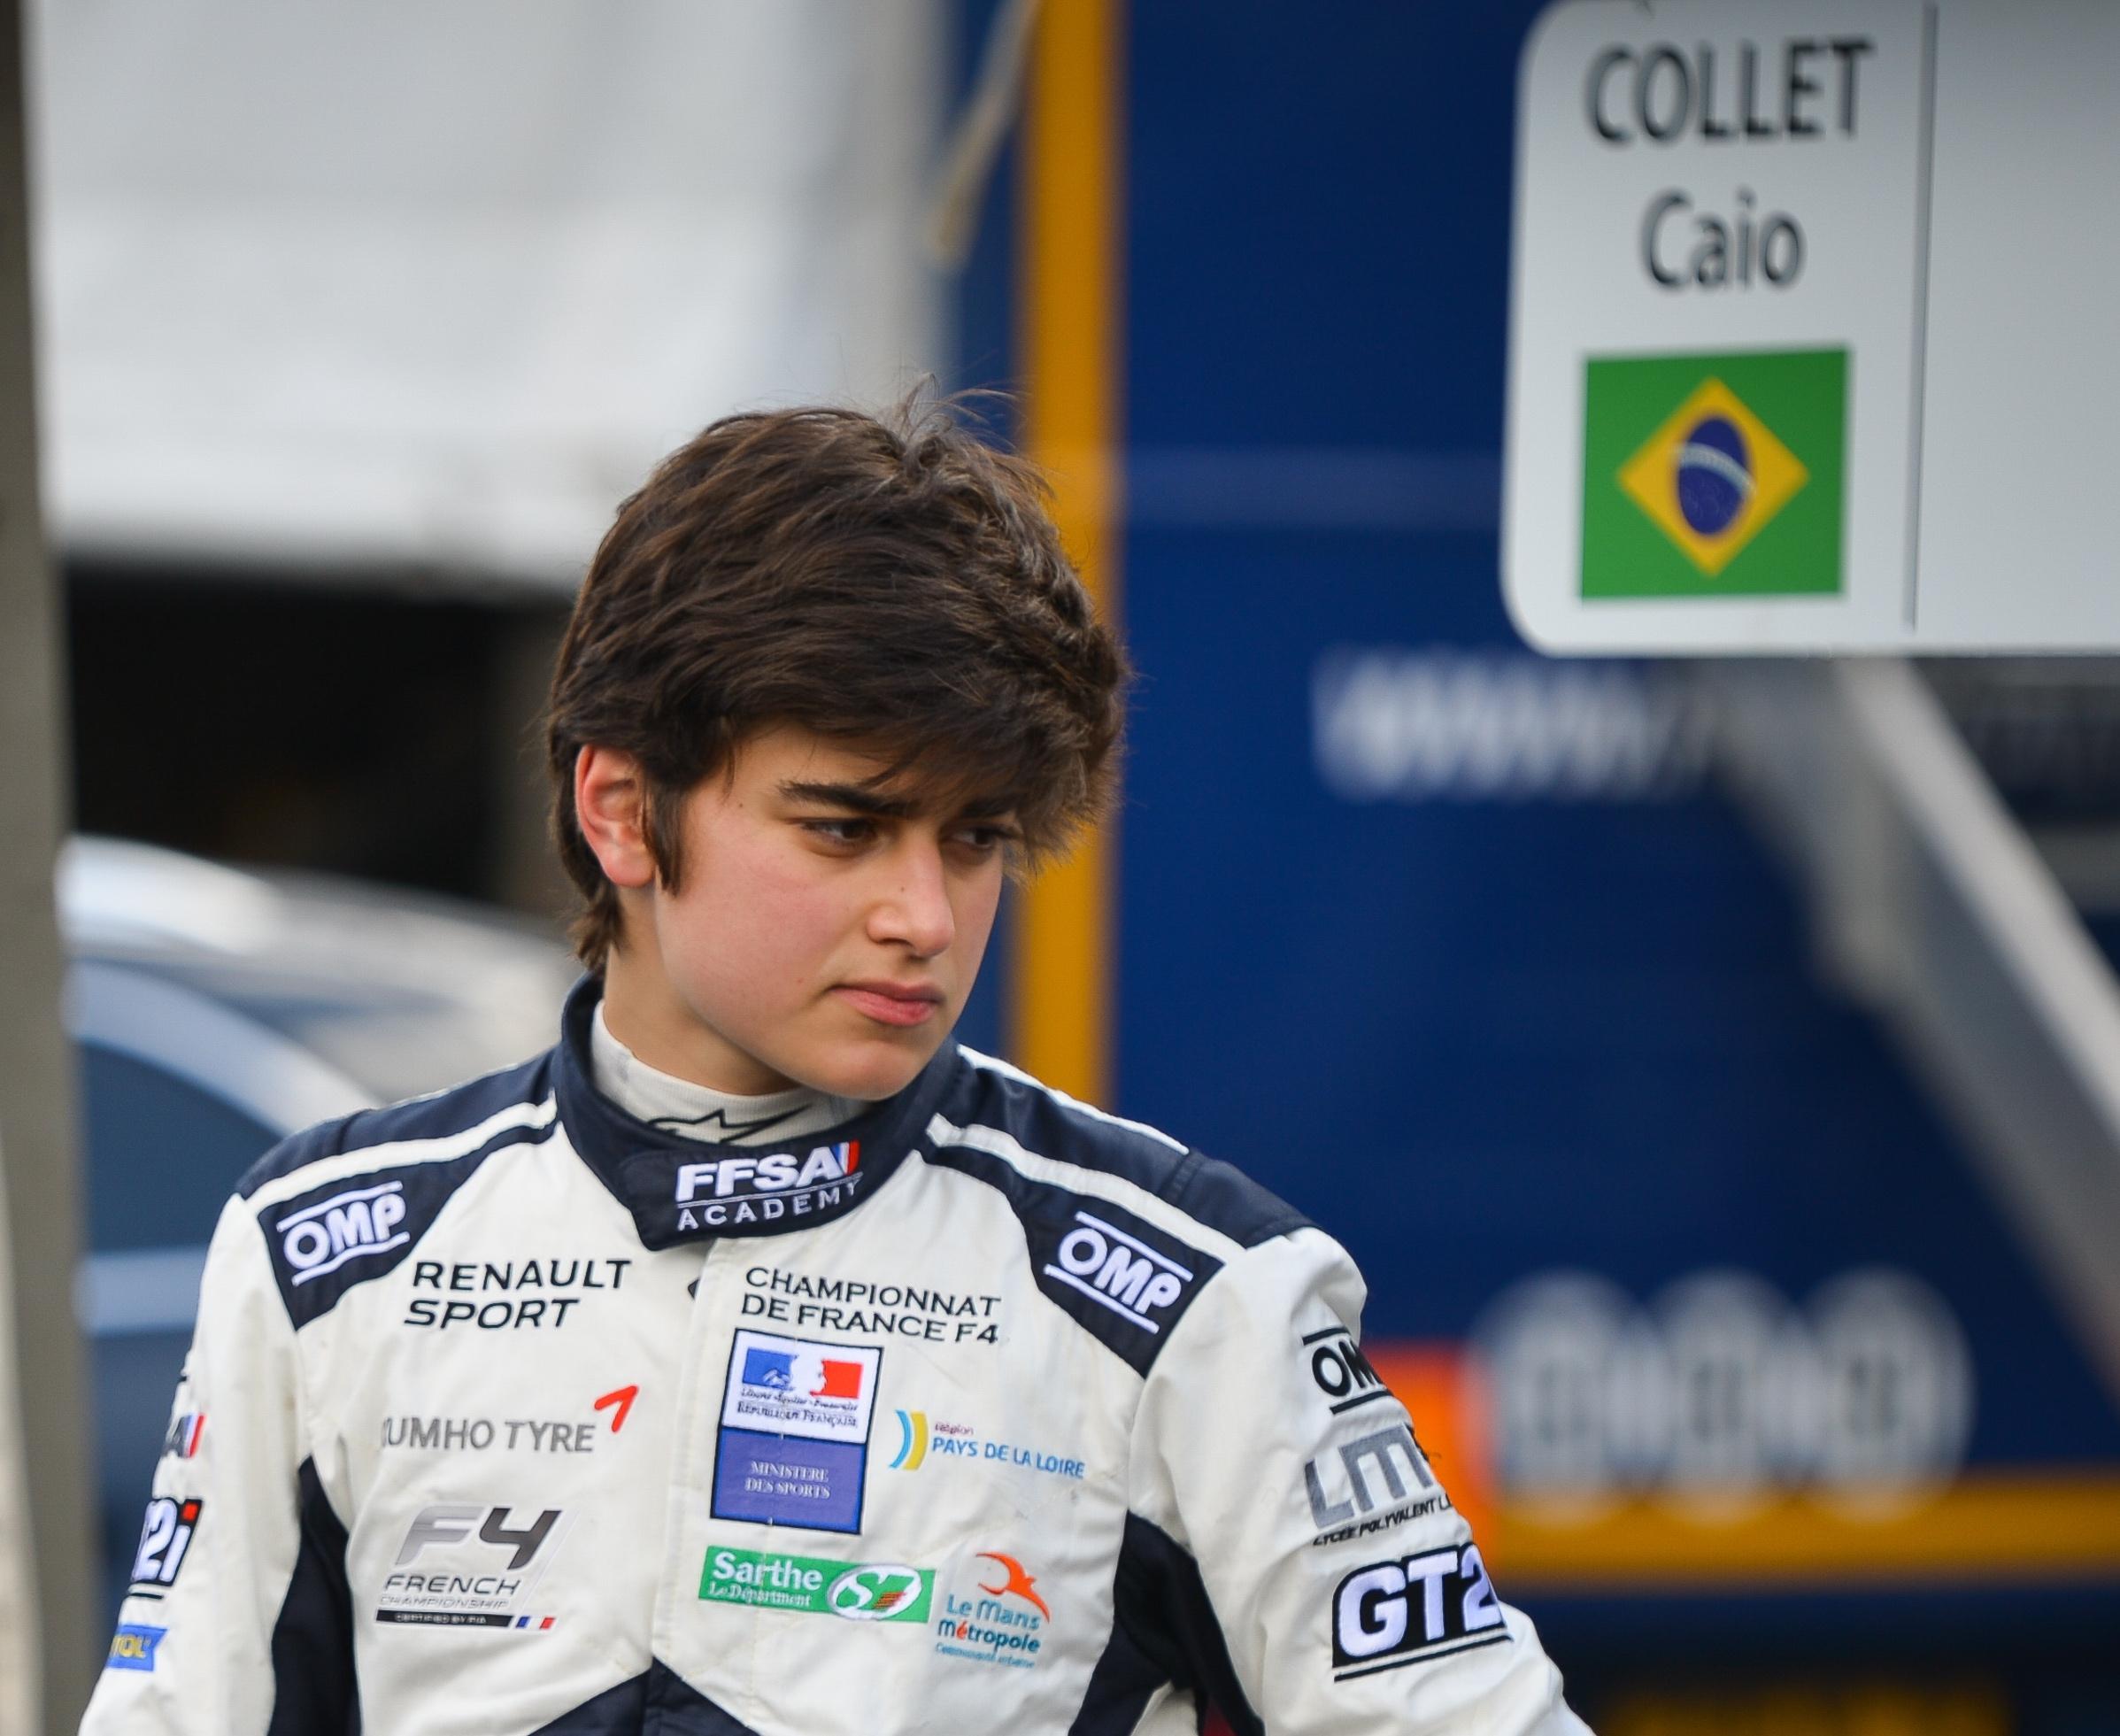 Photo of F4 – Fórmula 4 Francesa Caio Collet corre pela primeira vez em um circuito de rua